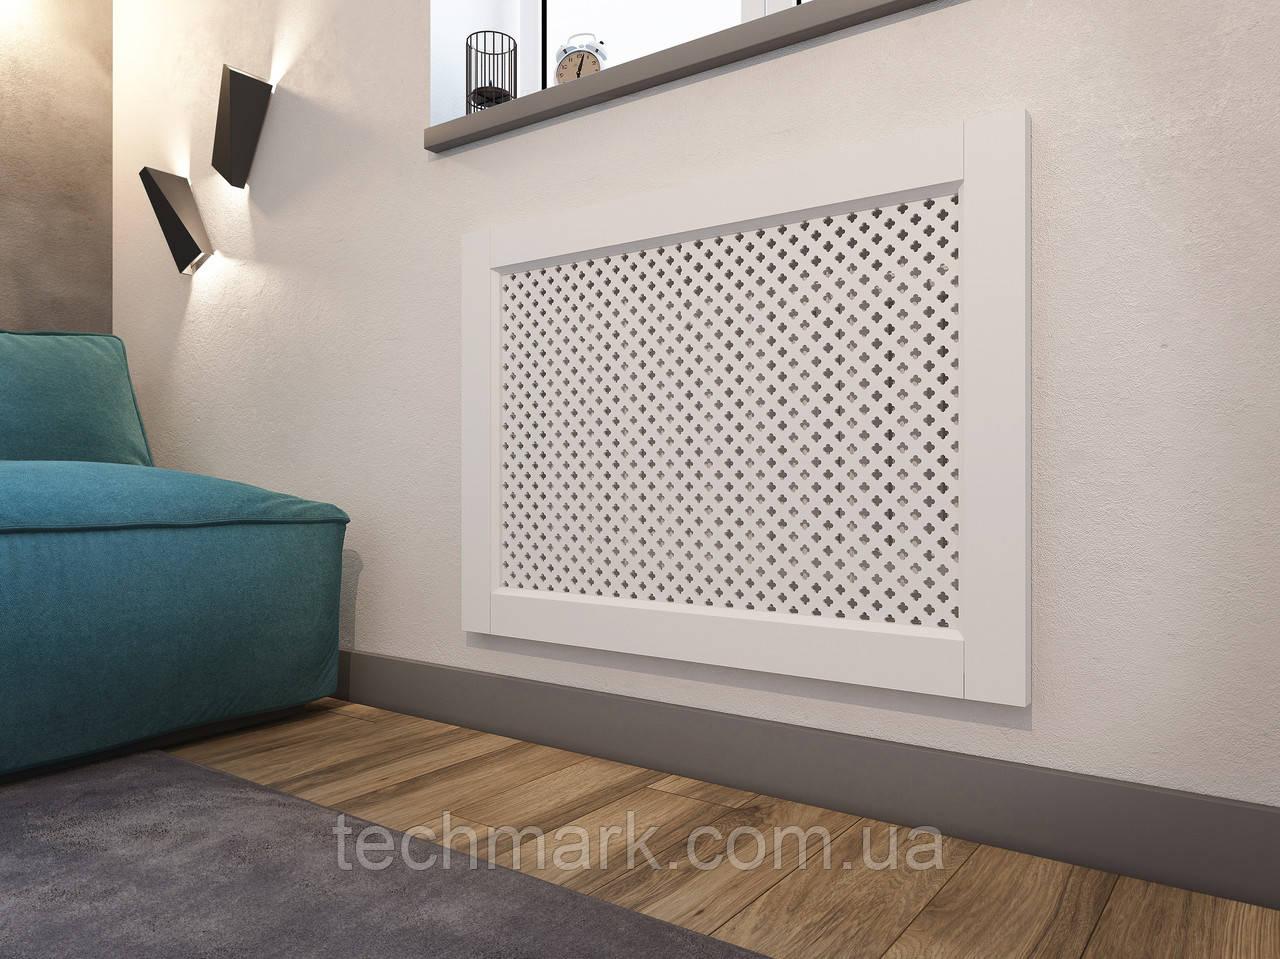 Декоративная решетка экран (фасад) на батарею отопления R113-F